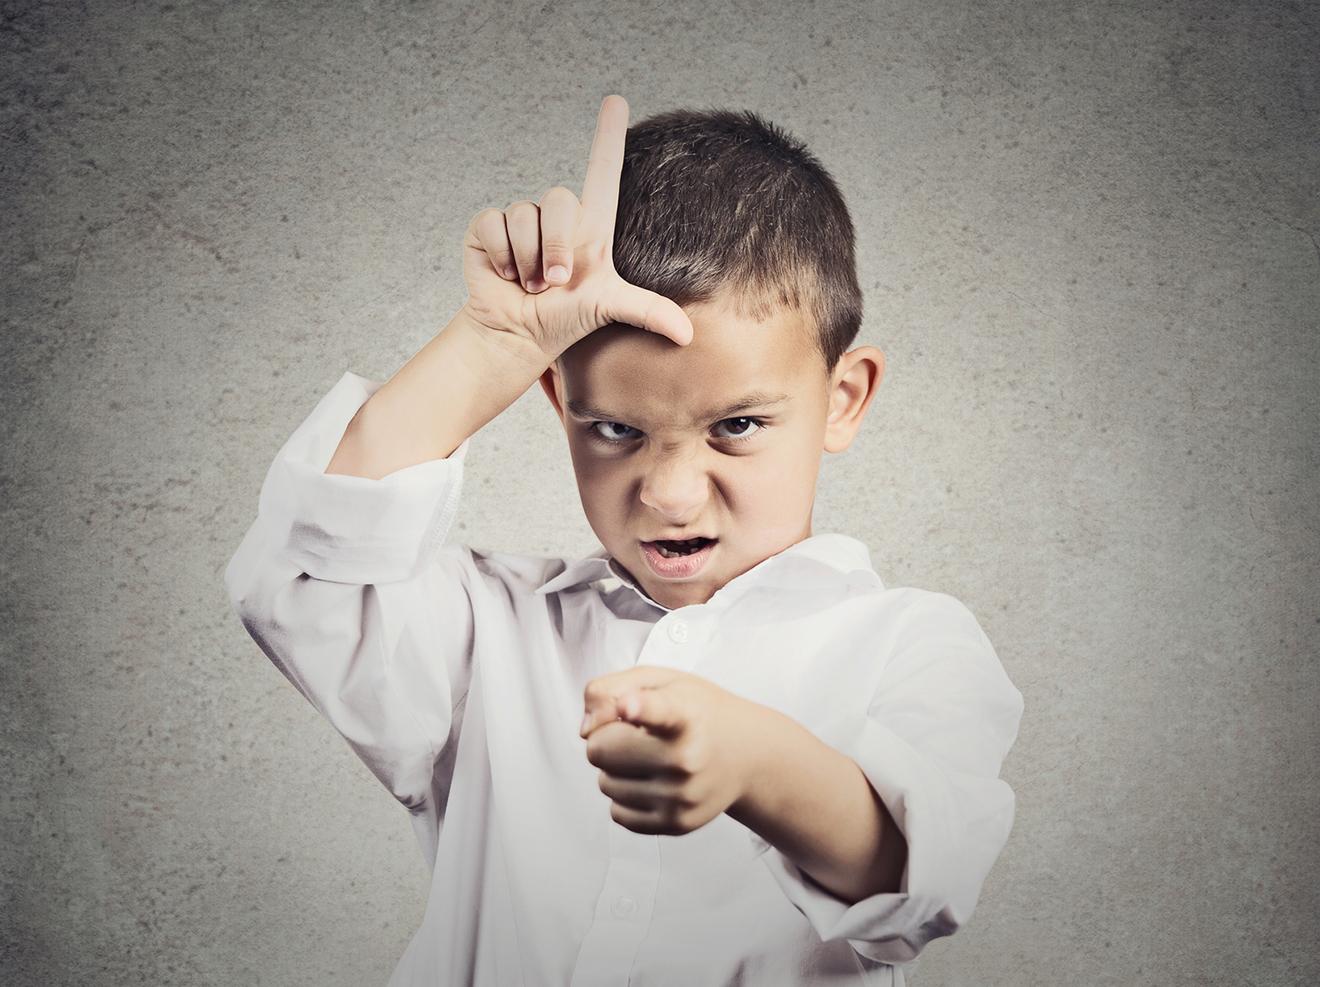 10 situaties waarin kinderen zich misdragen